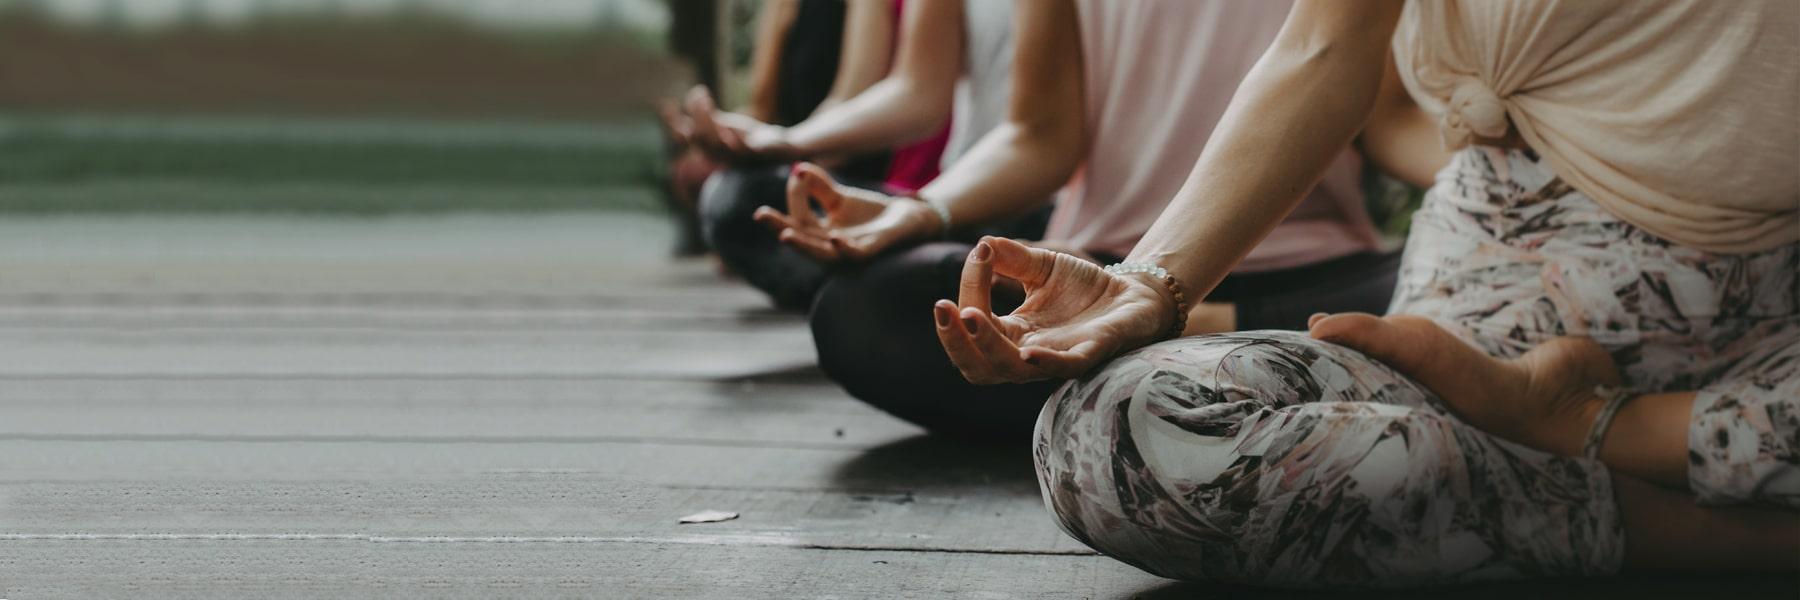 Meditierende Personen im Schneidersitz